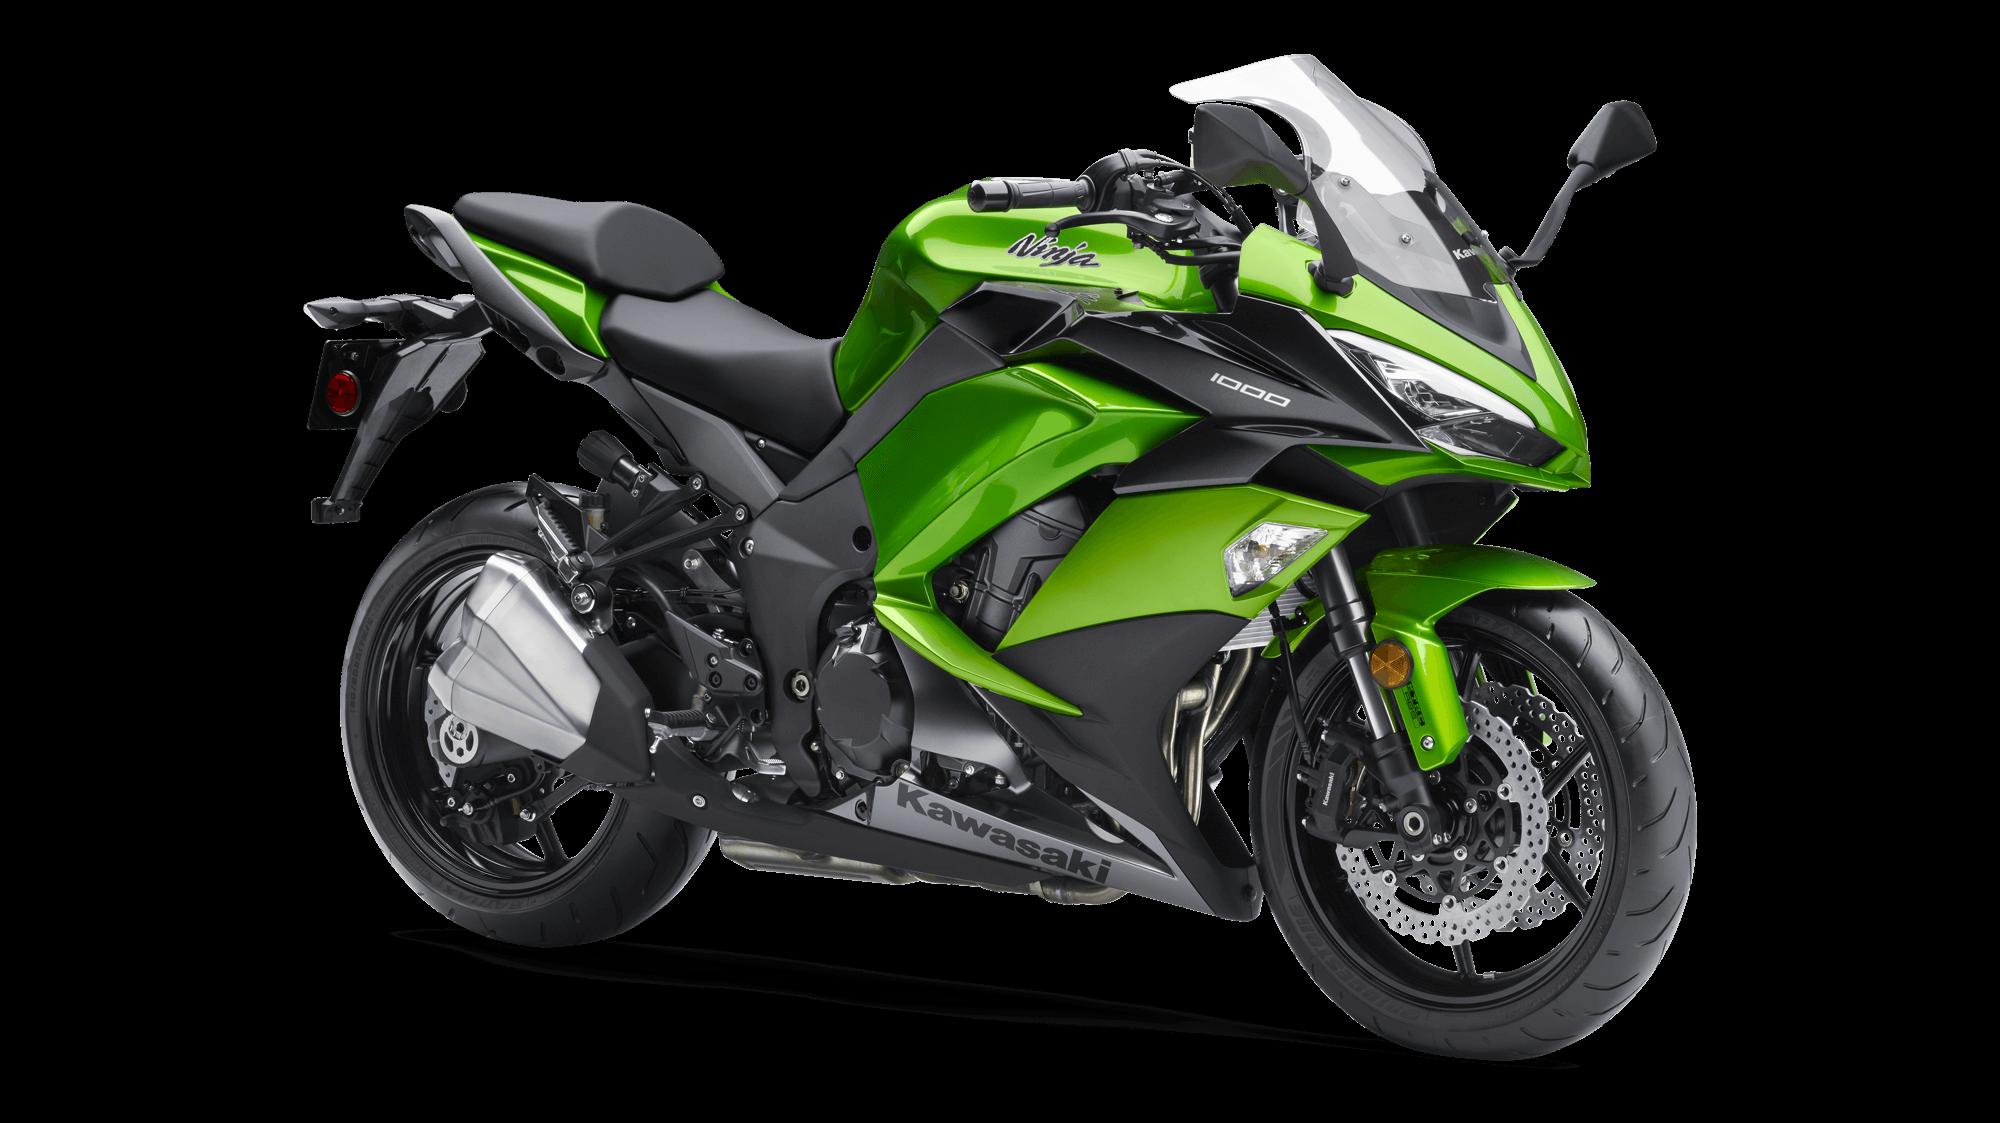 Check Out The Kawasaki 2017 NINJAR 1000 ABS